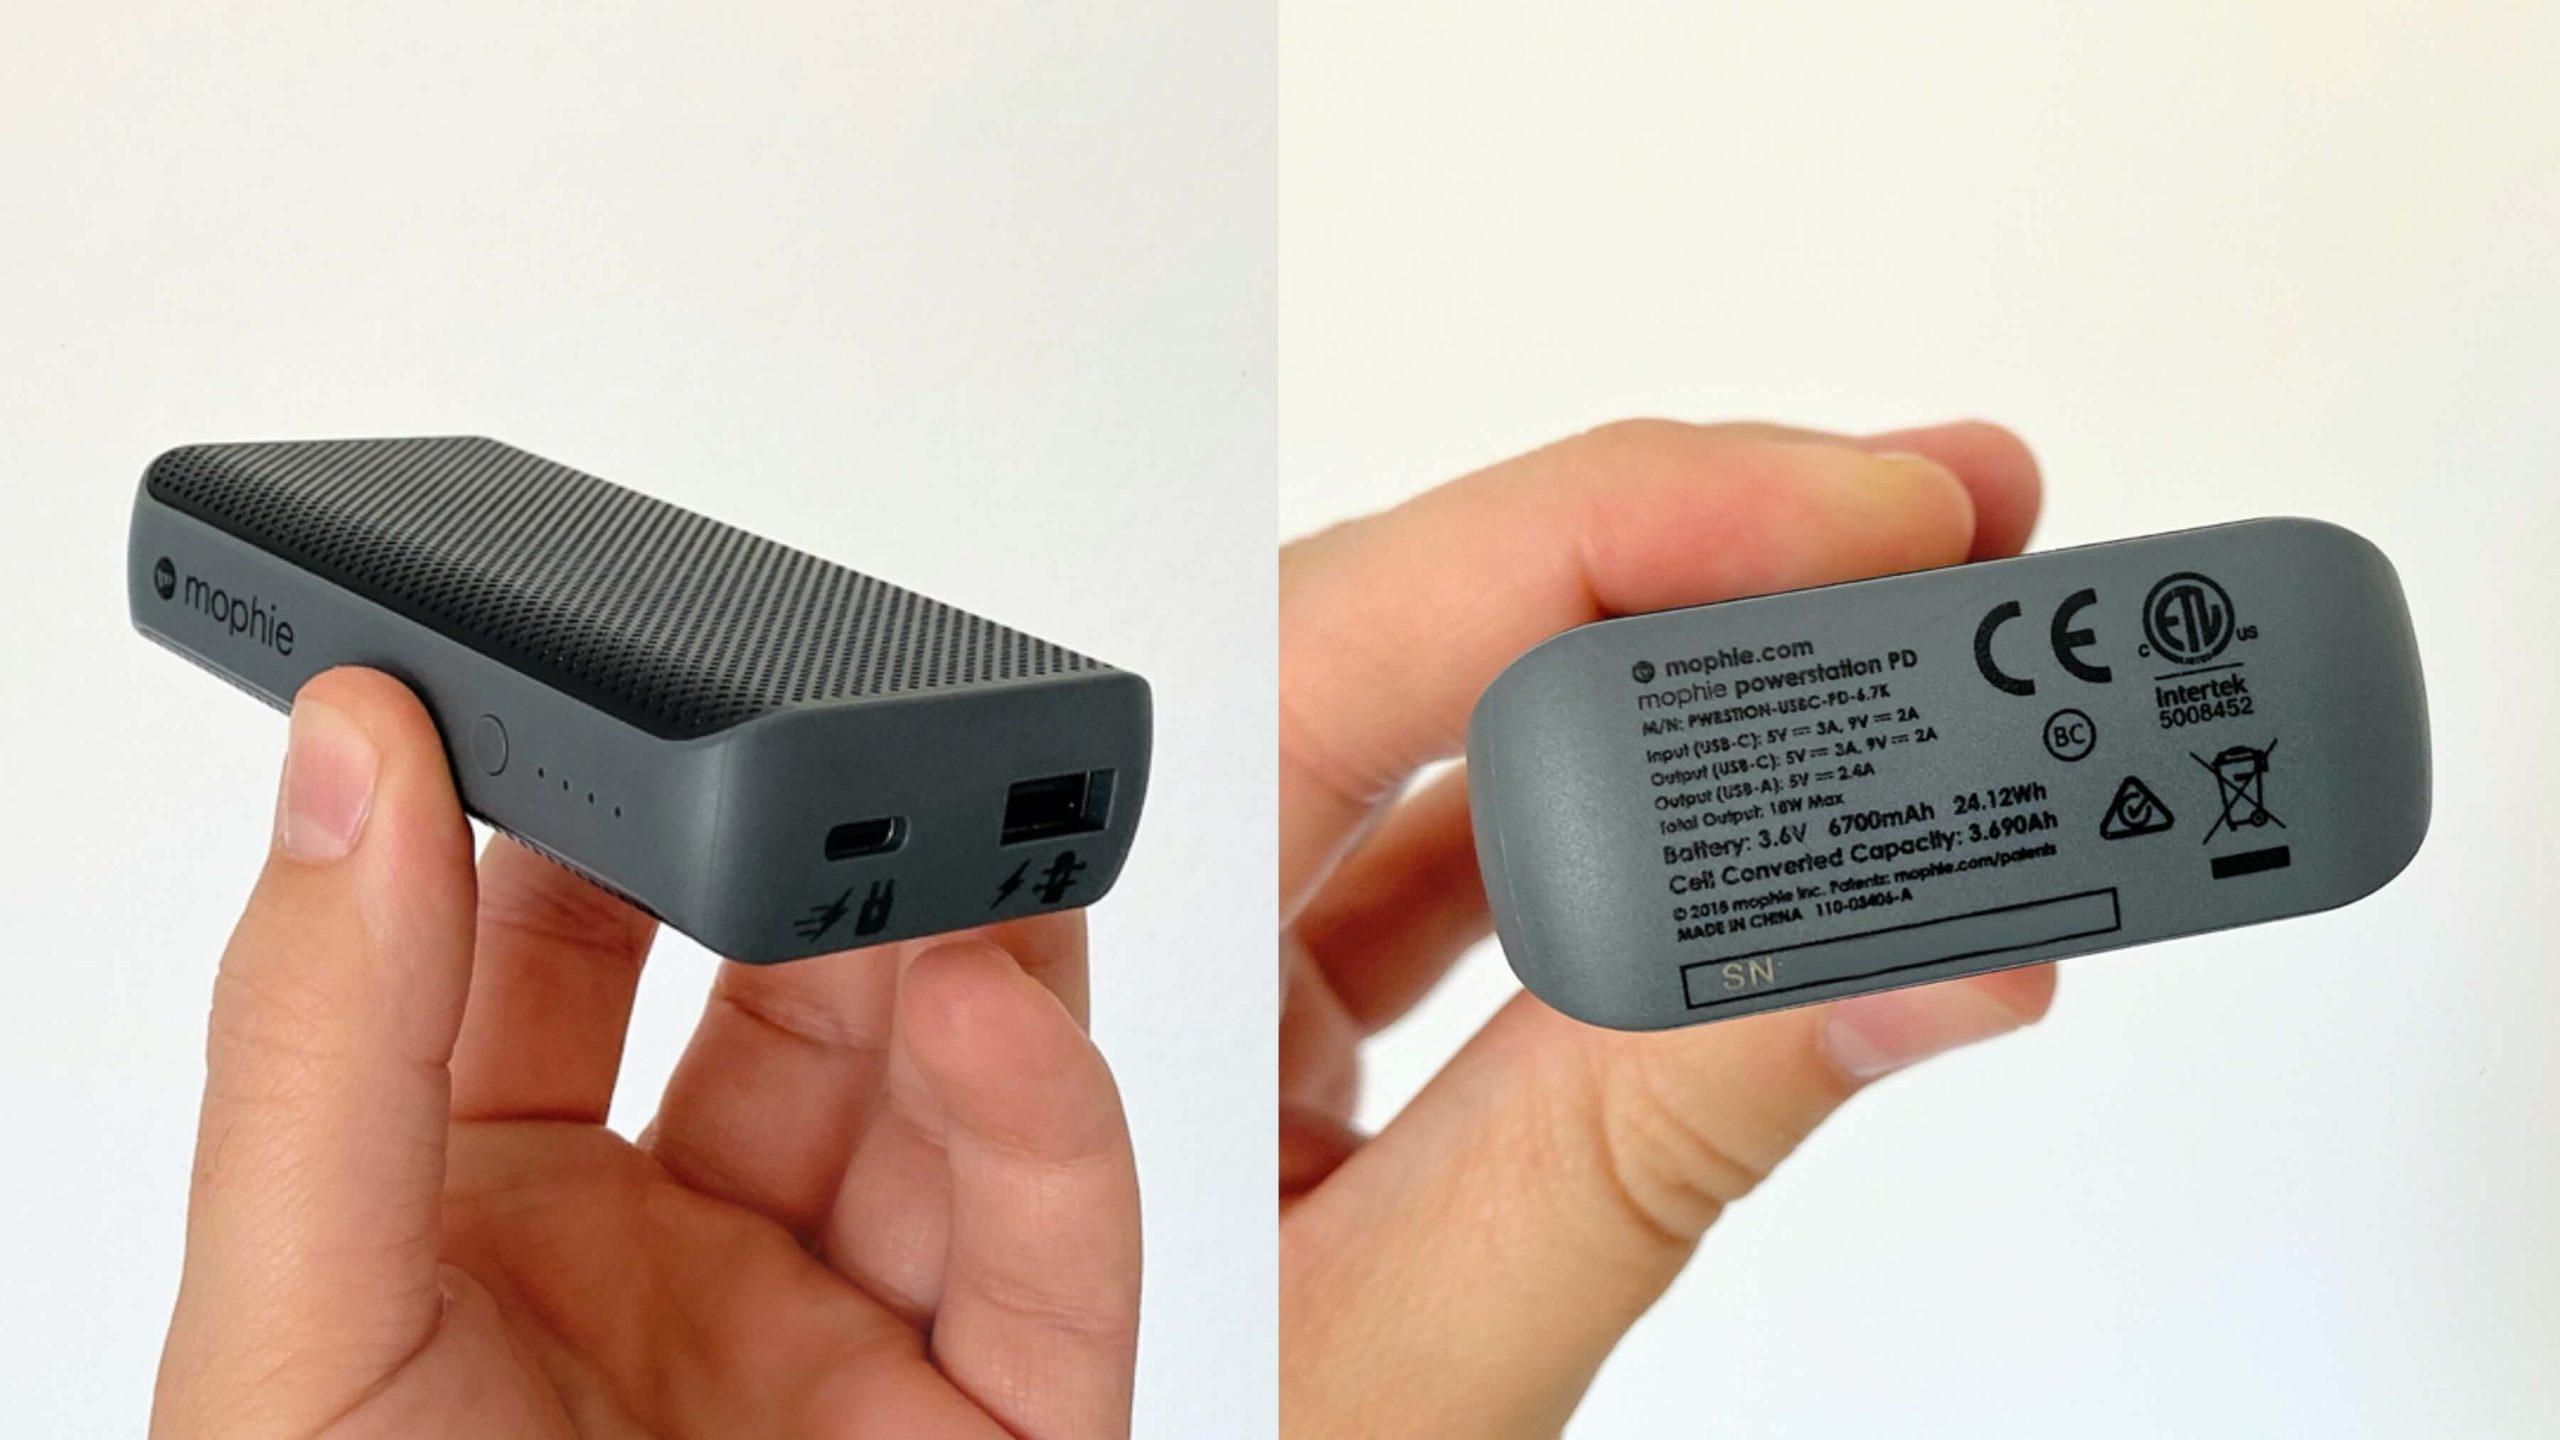 Mophie_Powerstation_Powerbank_6.700_mAh_USB-A_USB-C_Anschluss1-scaled Mophie Powerstation mit 6.700 mAh und USB-C PD - ein Kraftpaket für die Hosentasche